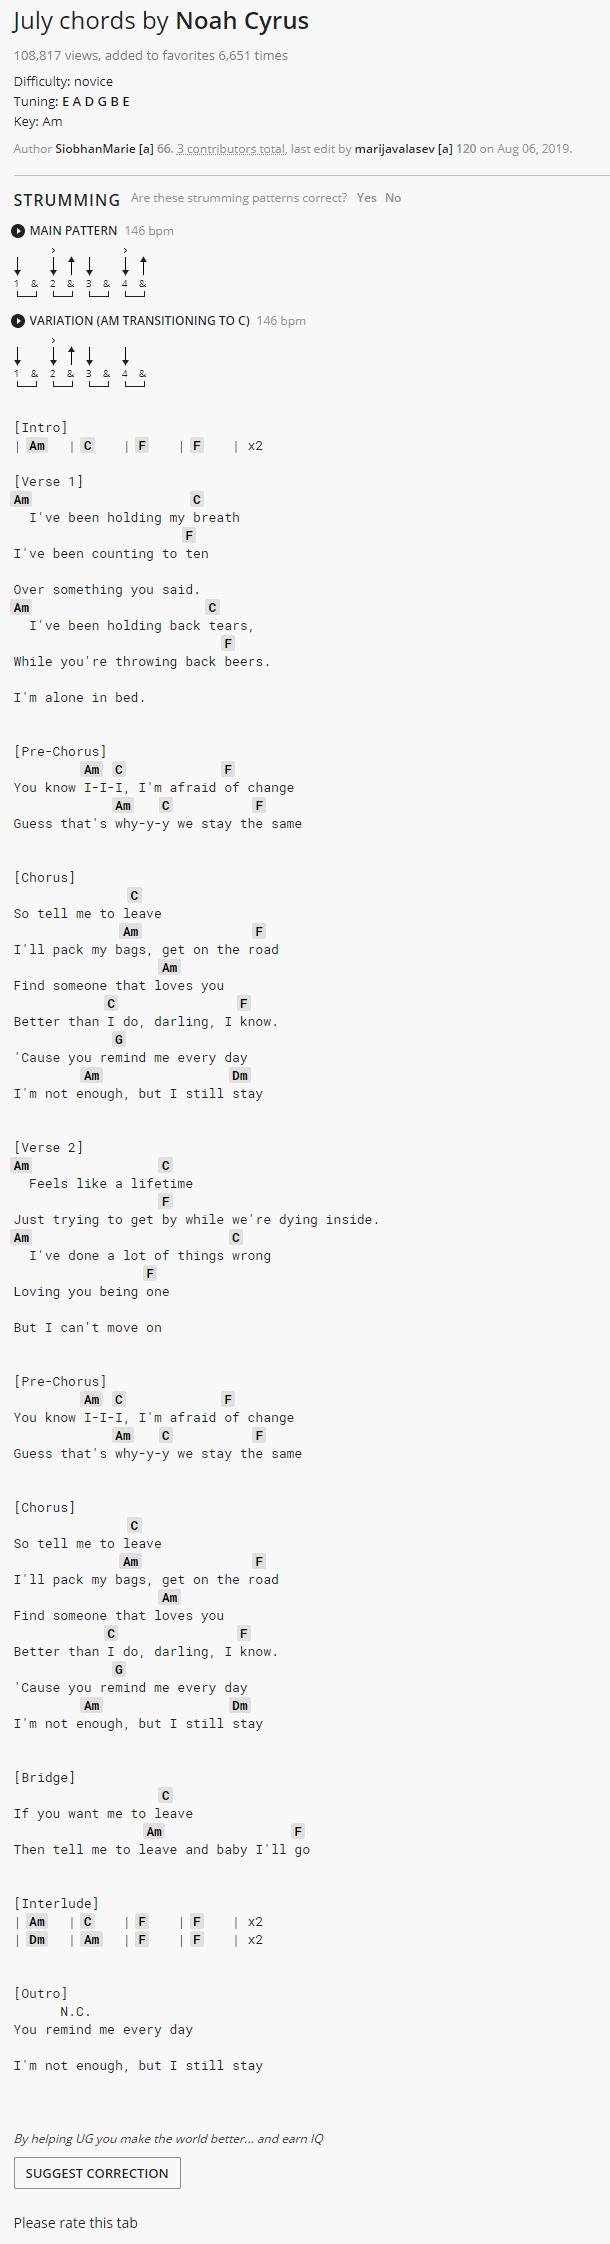 July Noah Cyrus Ukulele Songs Ukulele Chords Songs Guitar Chords For Songs